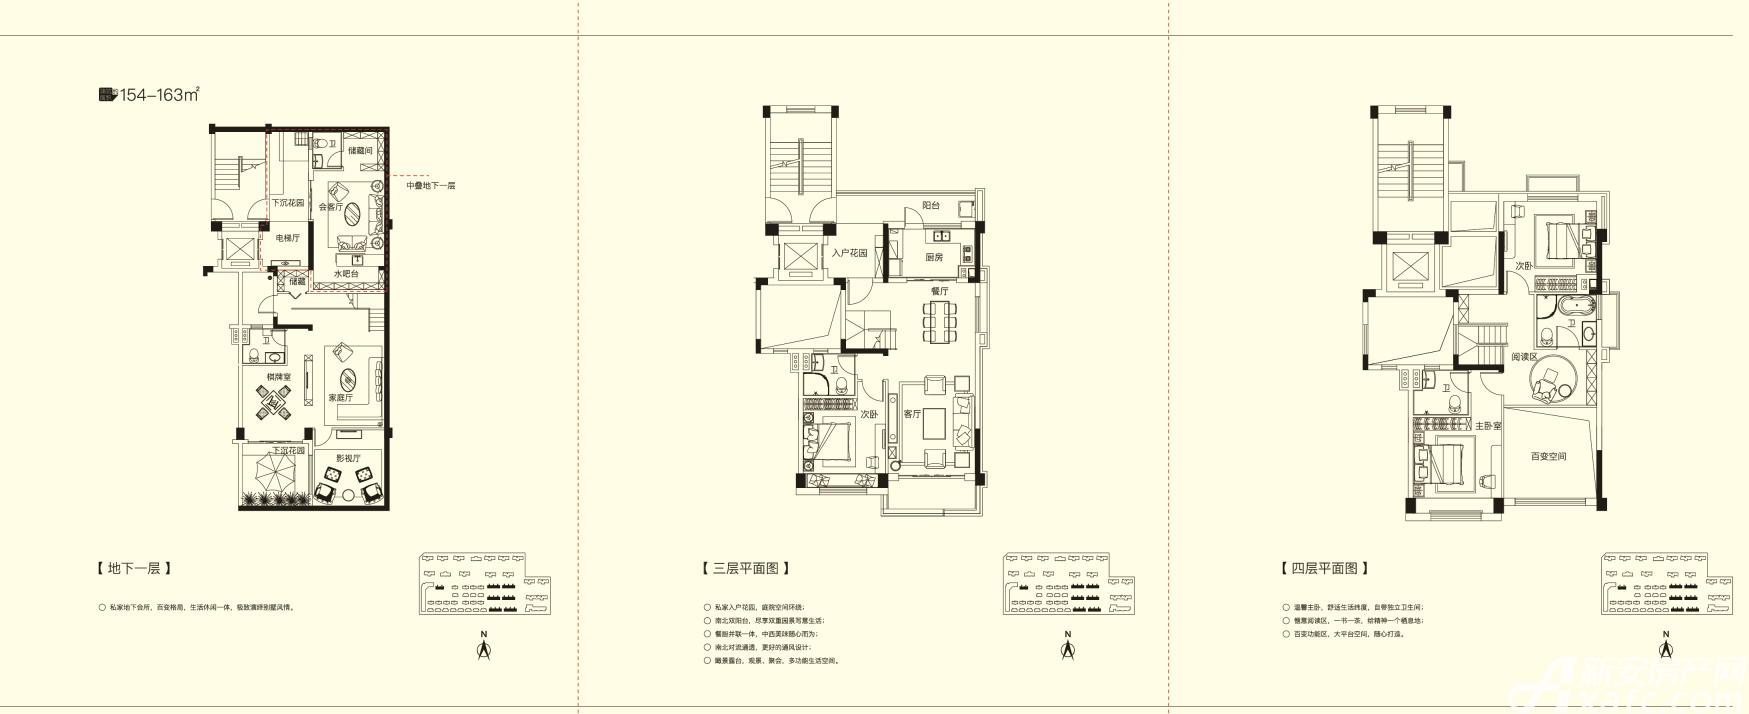 碧桂园仕府公馆154-163中4室2厅163平米